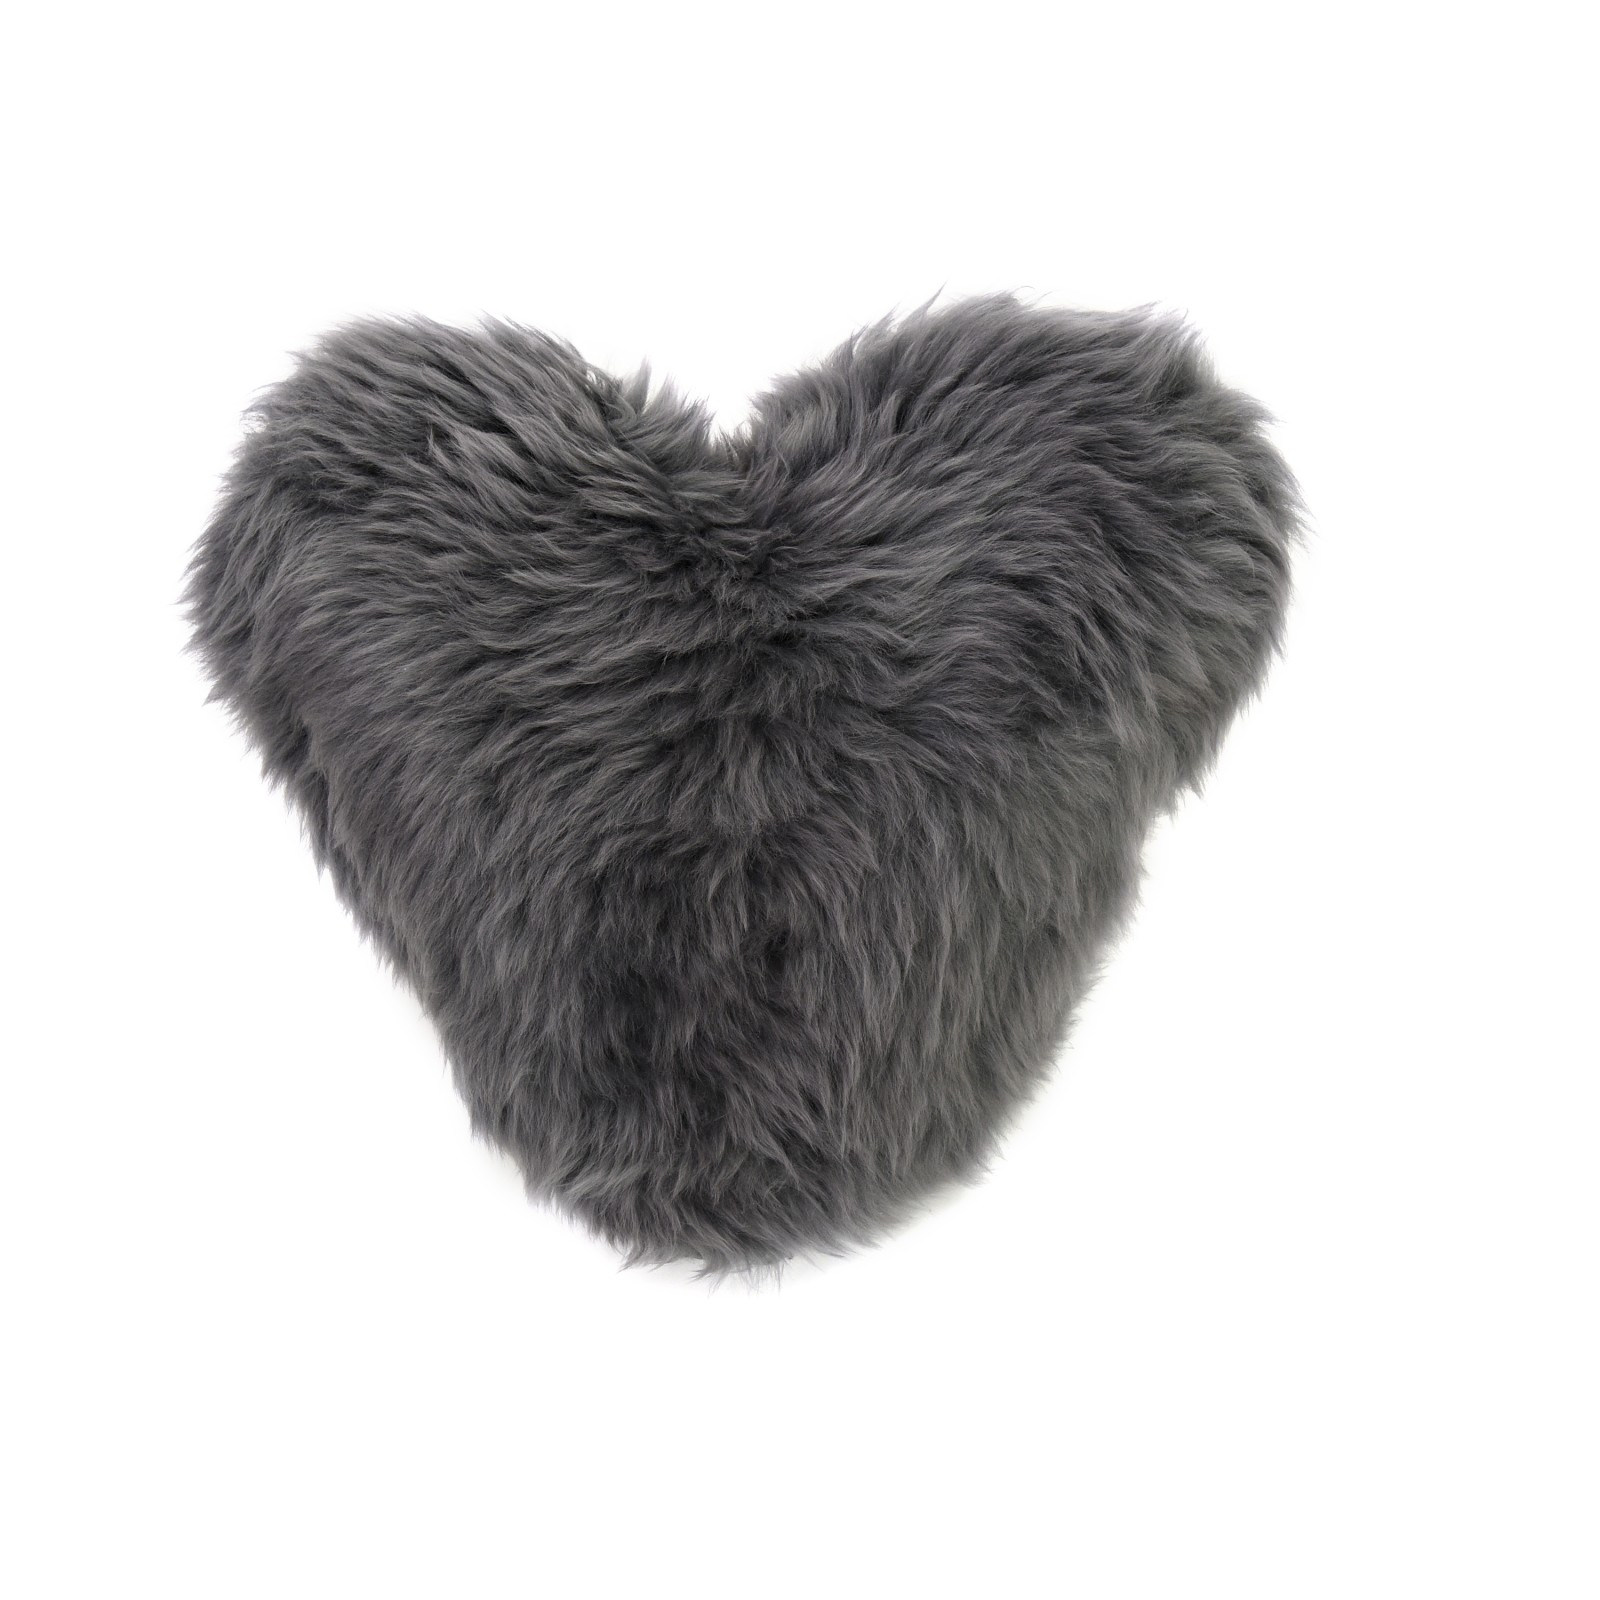 Calon Wlân - Sheepskin Heart Cushion in Slate Grey